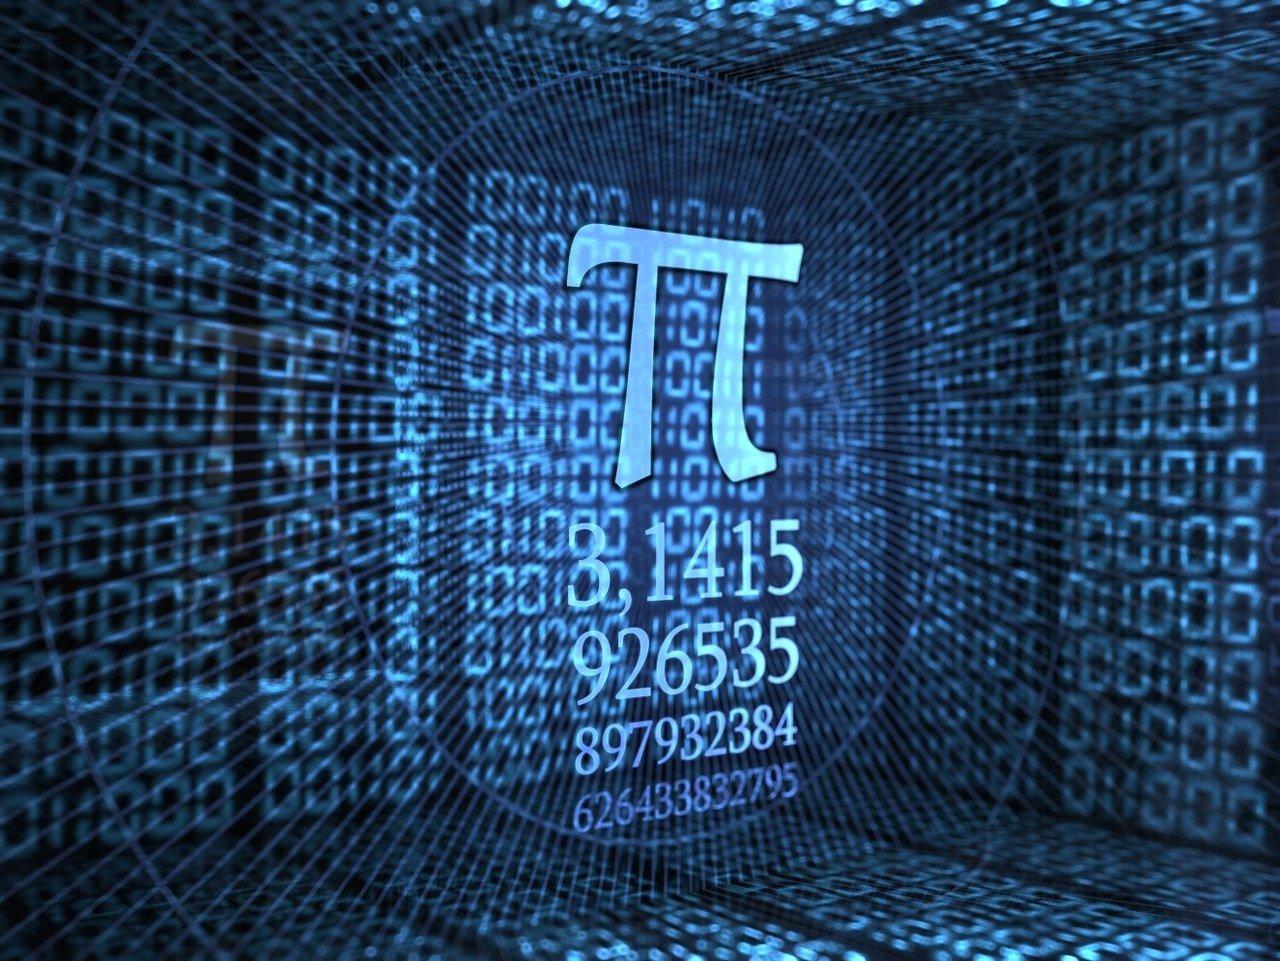 Мировой рекорд по исчислению значения числа Пи установлен в Швейцарии